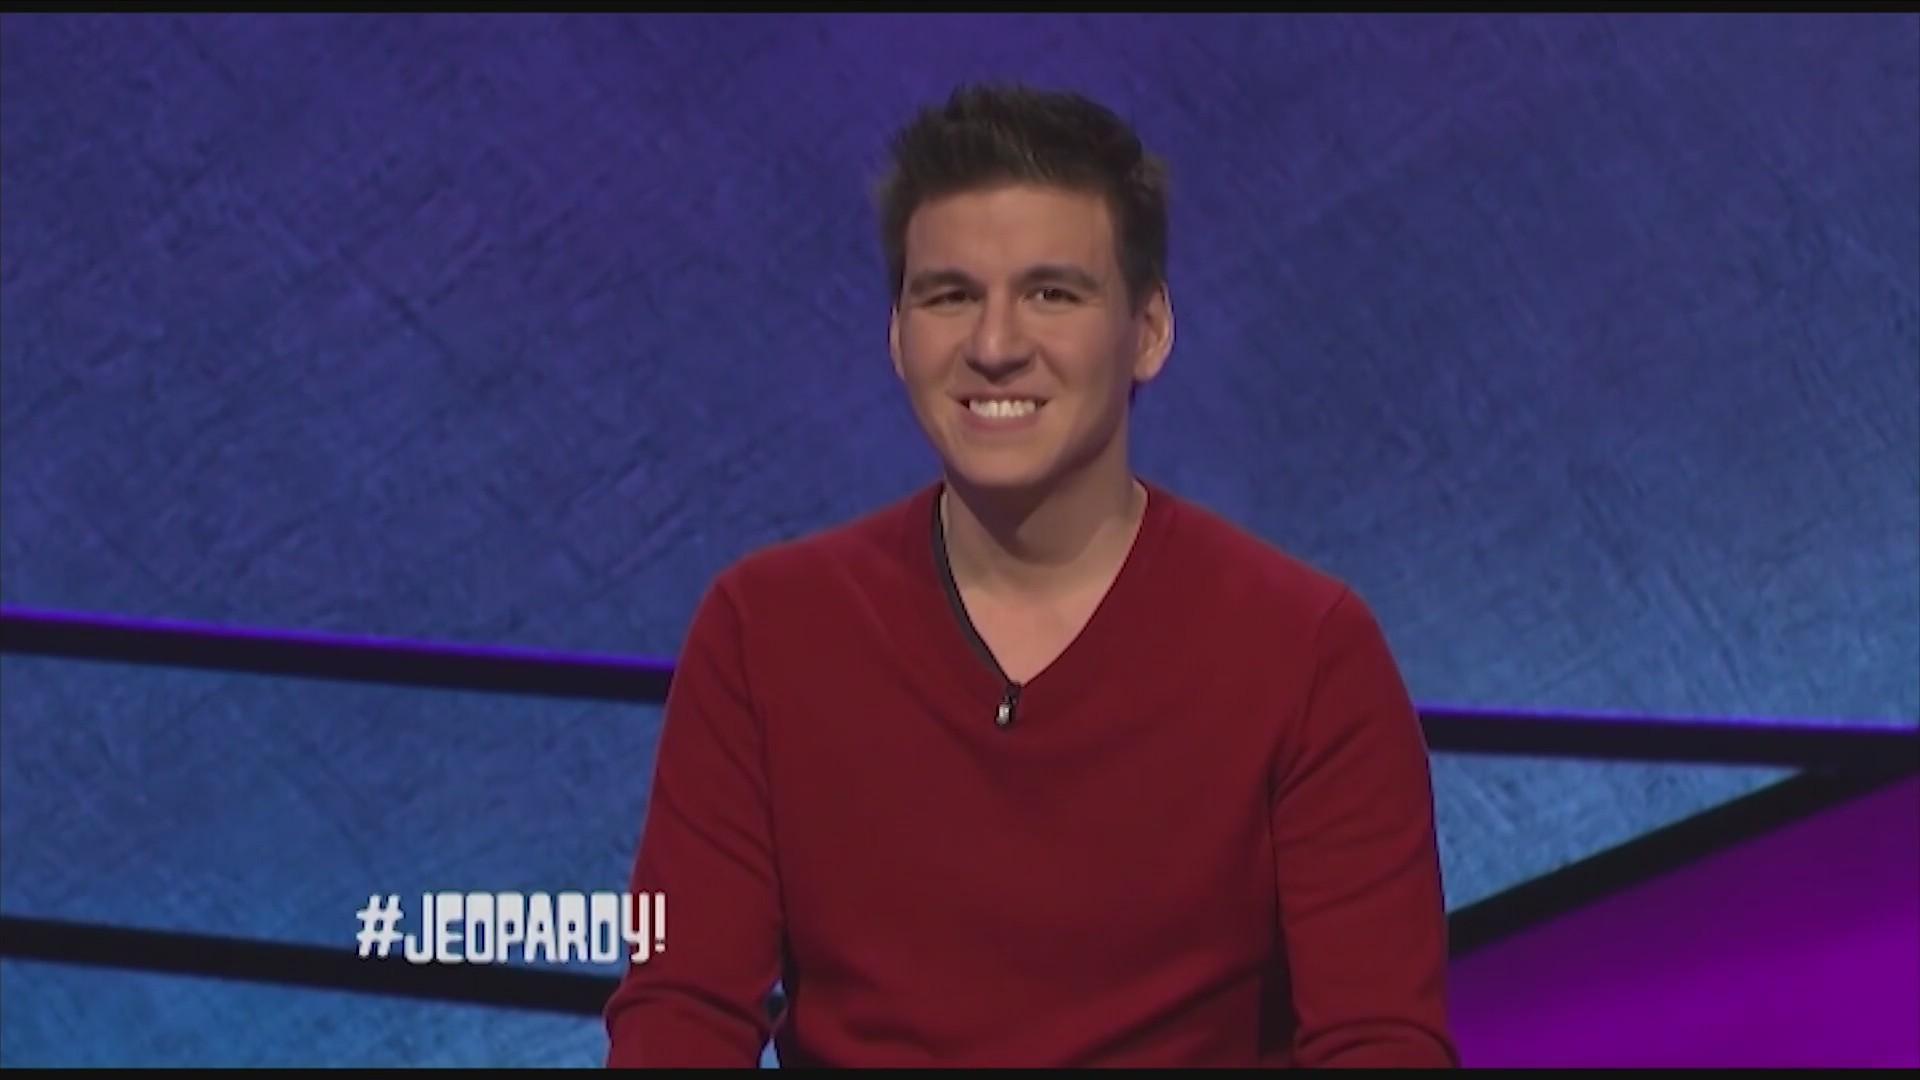 Jeopardy winner update